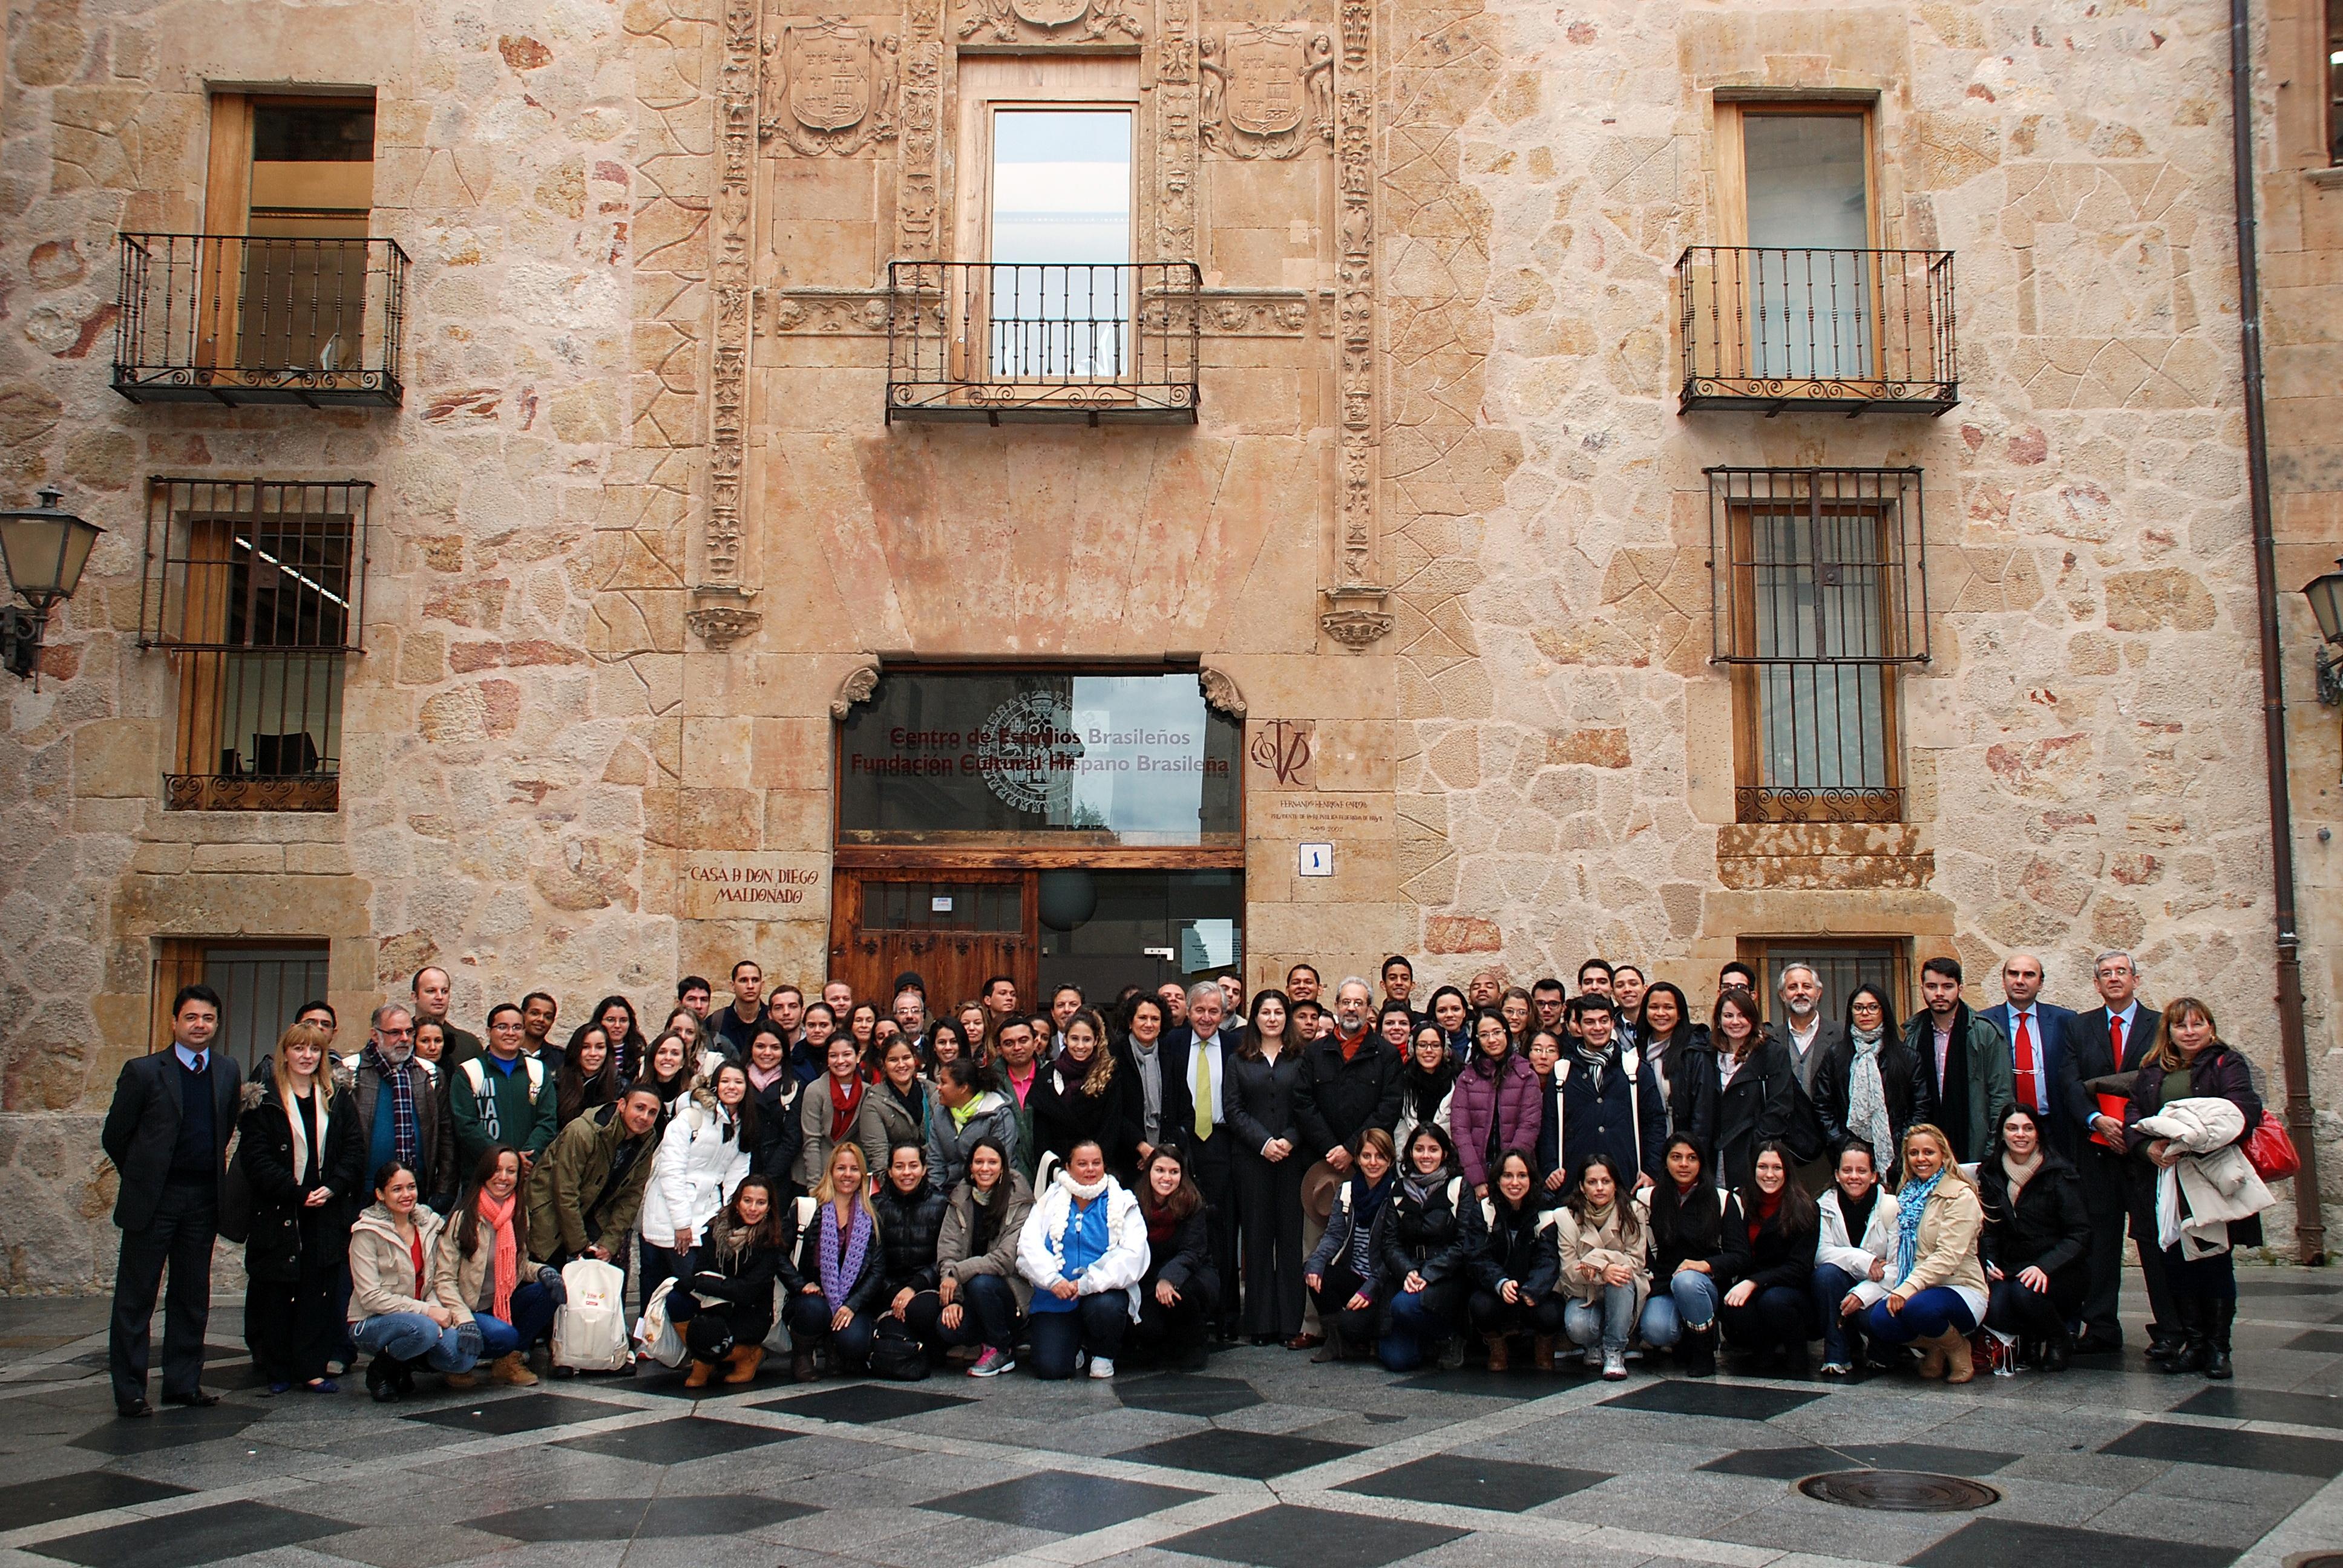 El rector recibe al nuevo grupo de estudiantes brasileños participantes del Programa Top España en la Universidad de Salamanca